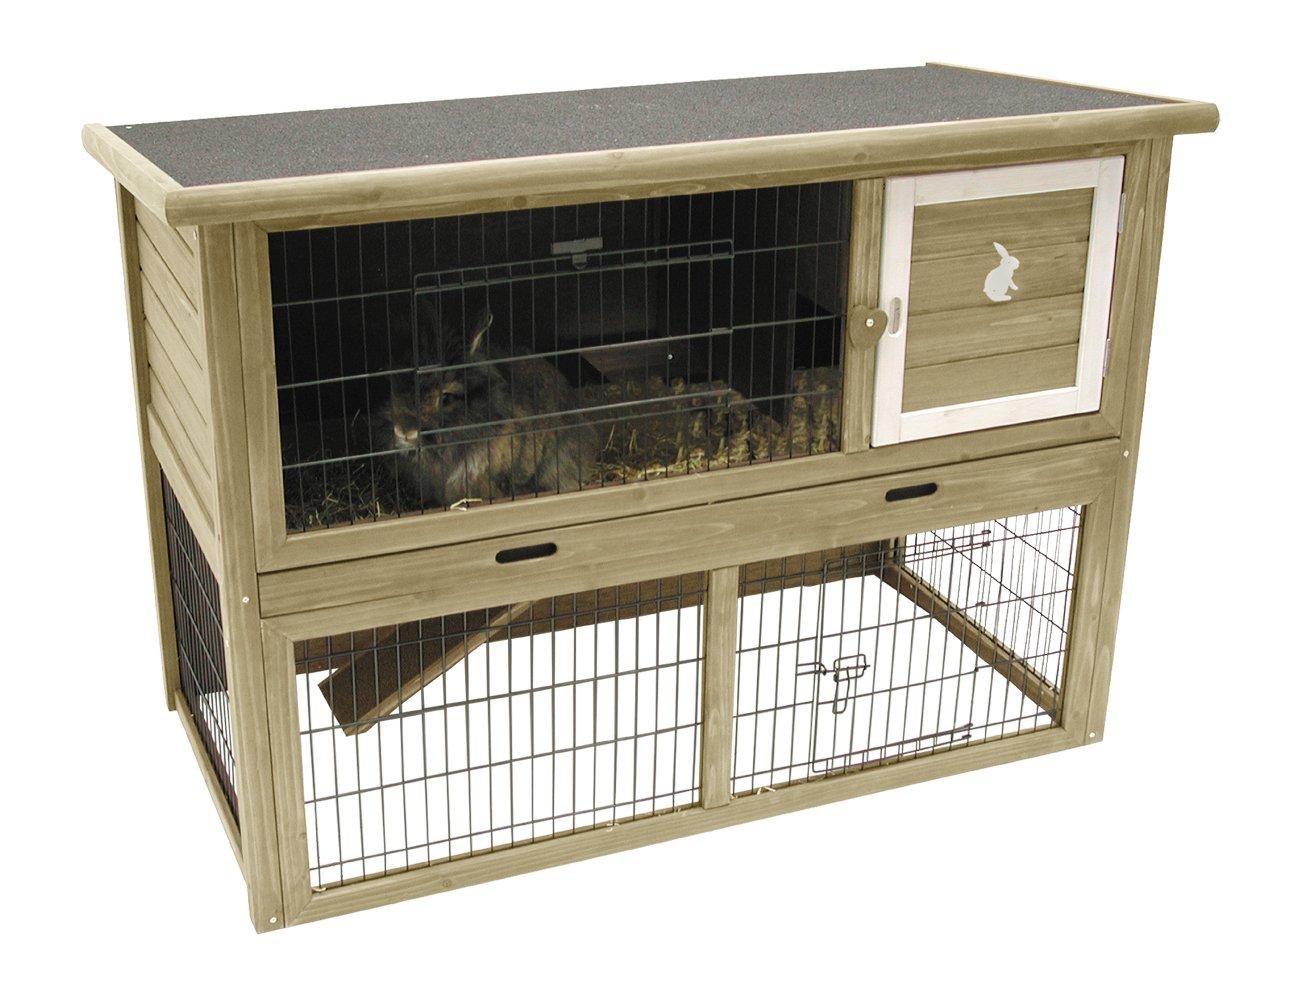 Nobby Holz 2-Stufig Stall mit Ziehen Tablett und Öffnung Dach für Kaninchen/Meerschweinchen/Frettchen, 124x 65x 88cm, grün